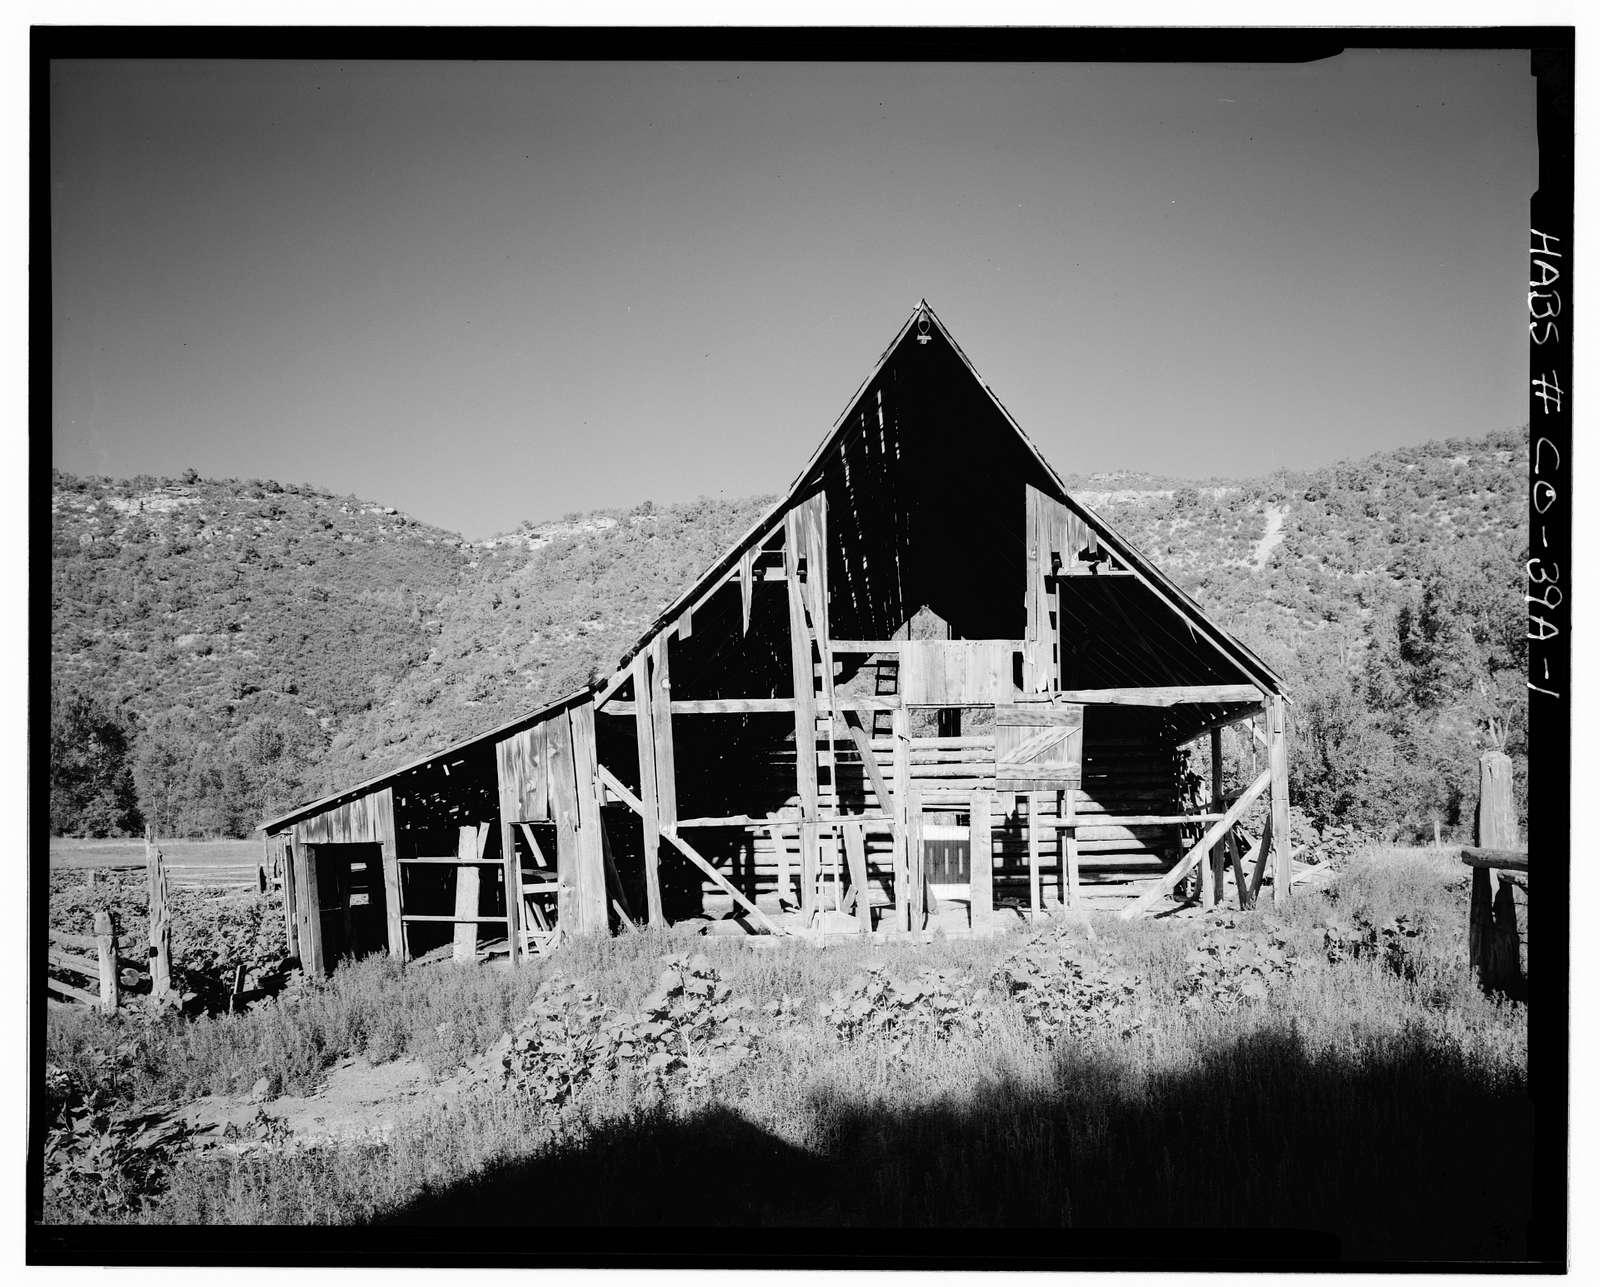 Kuhlman-Periman Ranch, Barn, County Route 28, Dolores, Montezuma County, CO